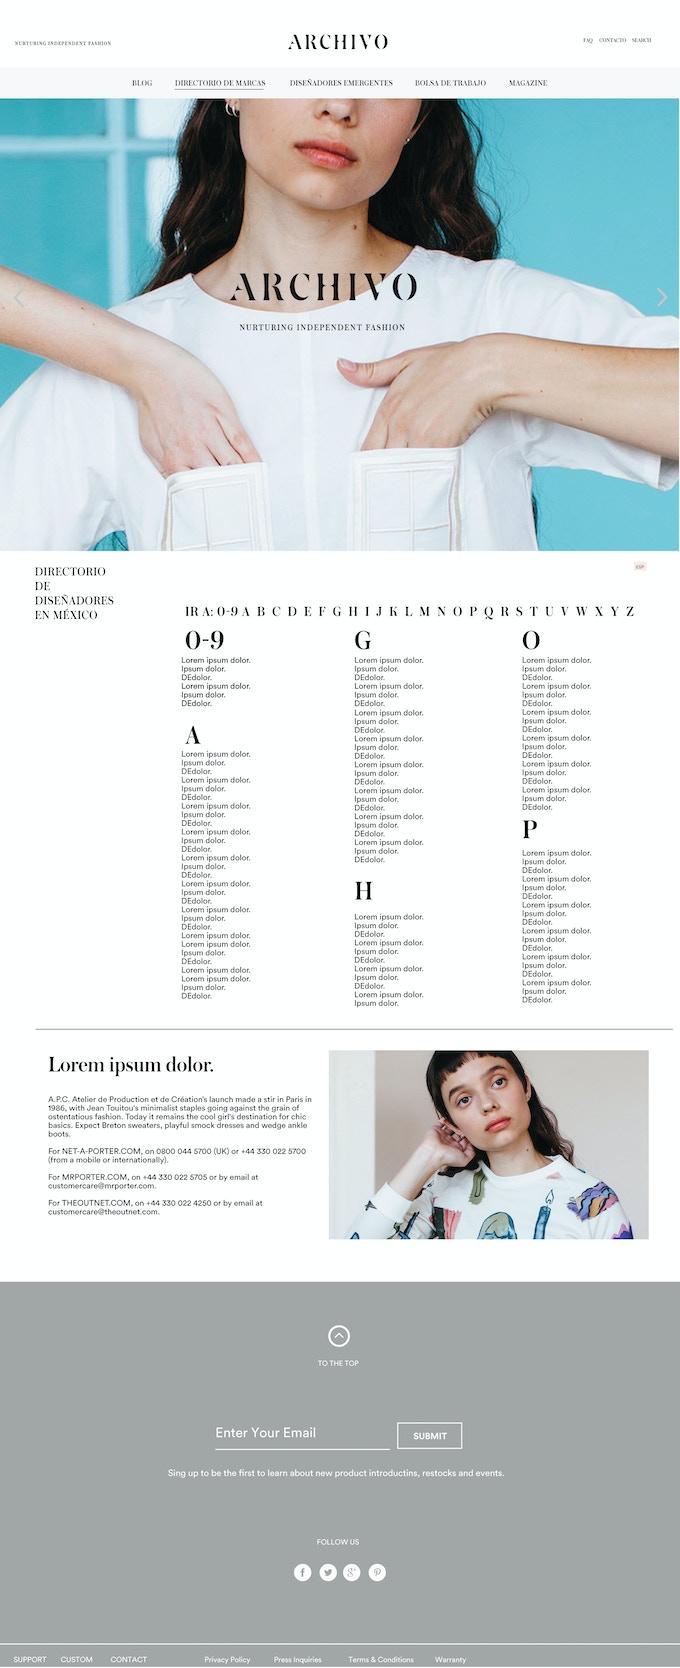 Directorio de Marcas // Brand Directory